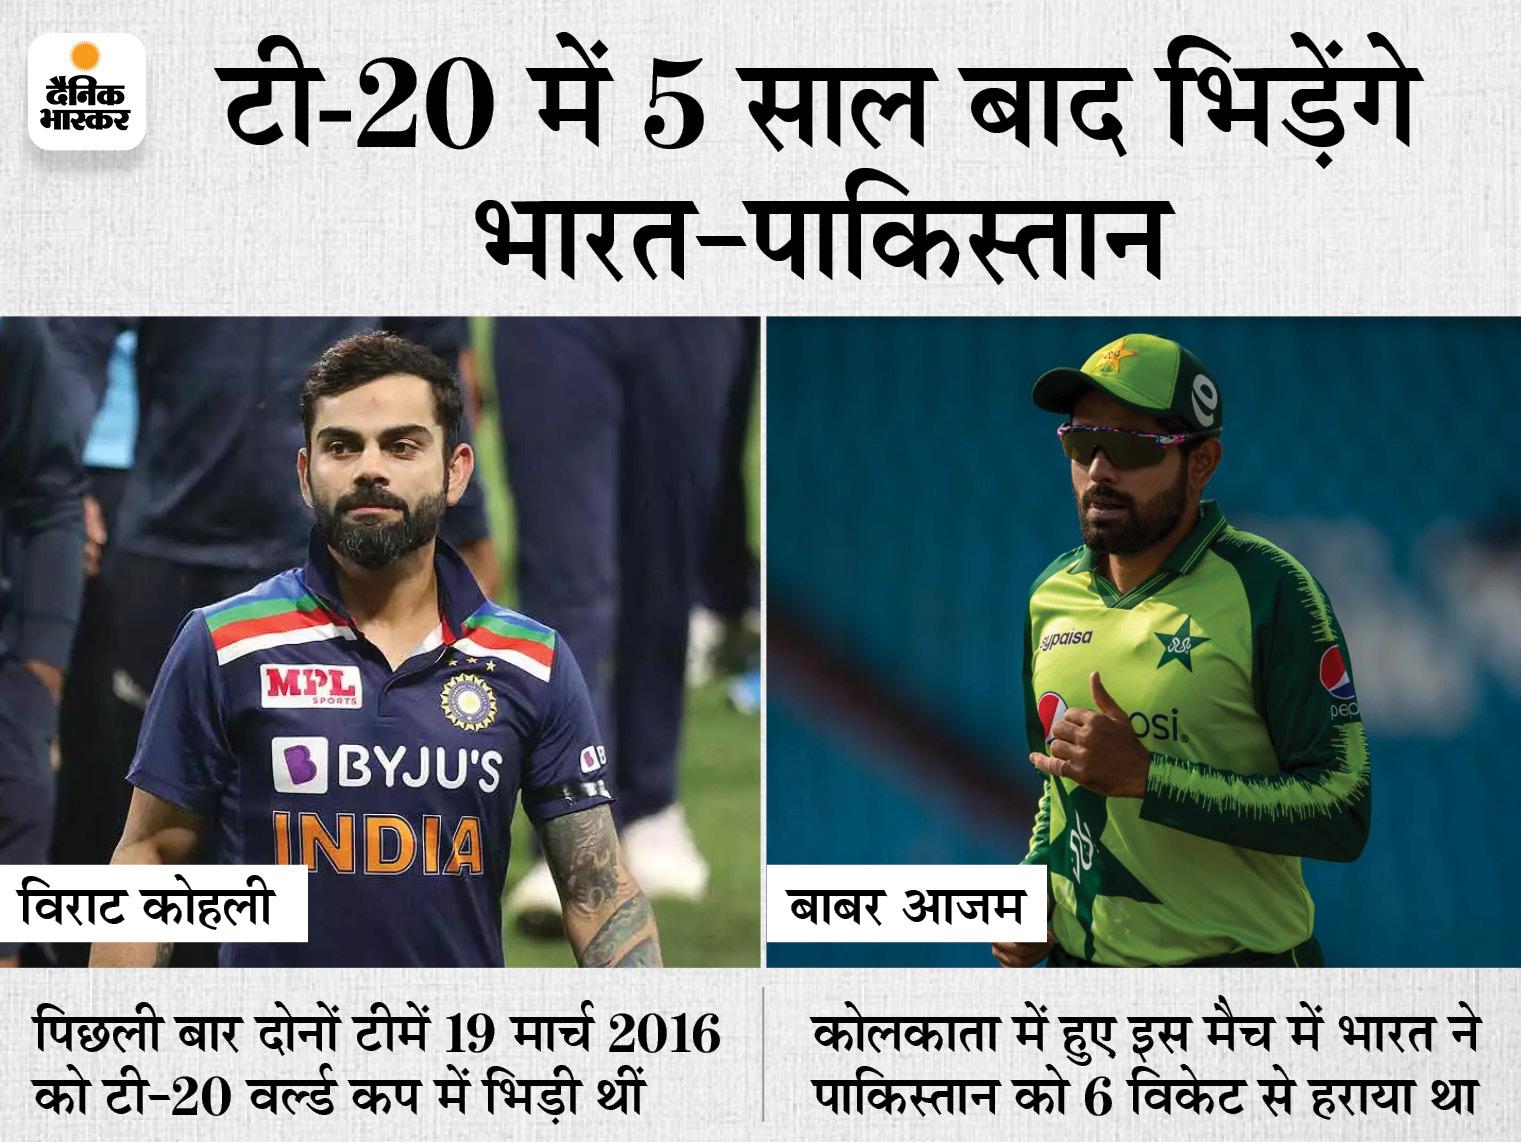 ICC ने टी-20 वर्ल्ड कप के ग्रुप की घोषणा की, भारत के ग्रुप में न्यूजीलैंड और अफगानिस्तान भी मौजूद|स्पोर्ट्स,Sports - Dainik Bhaskar